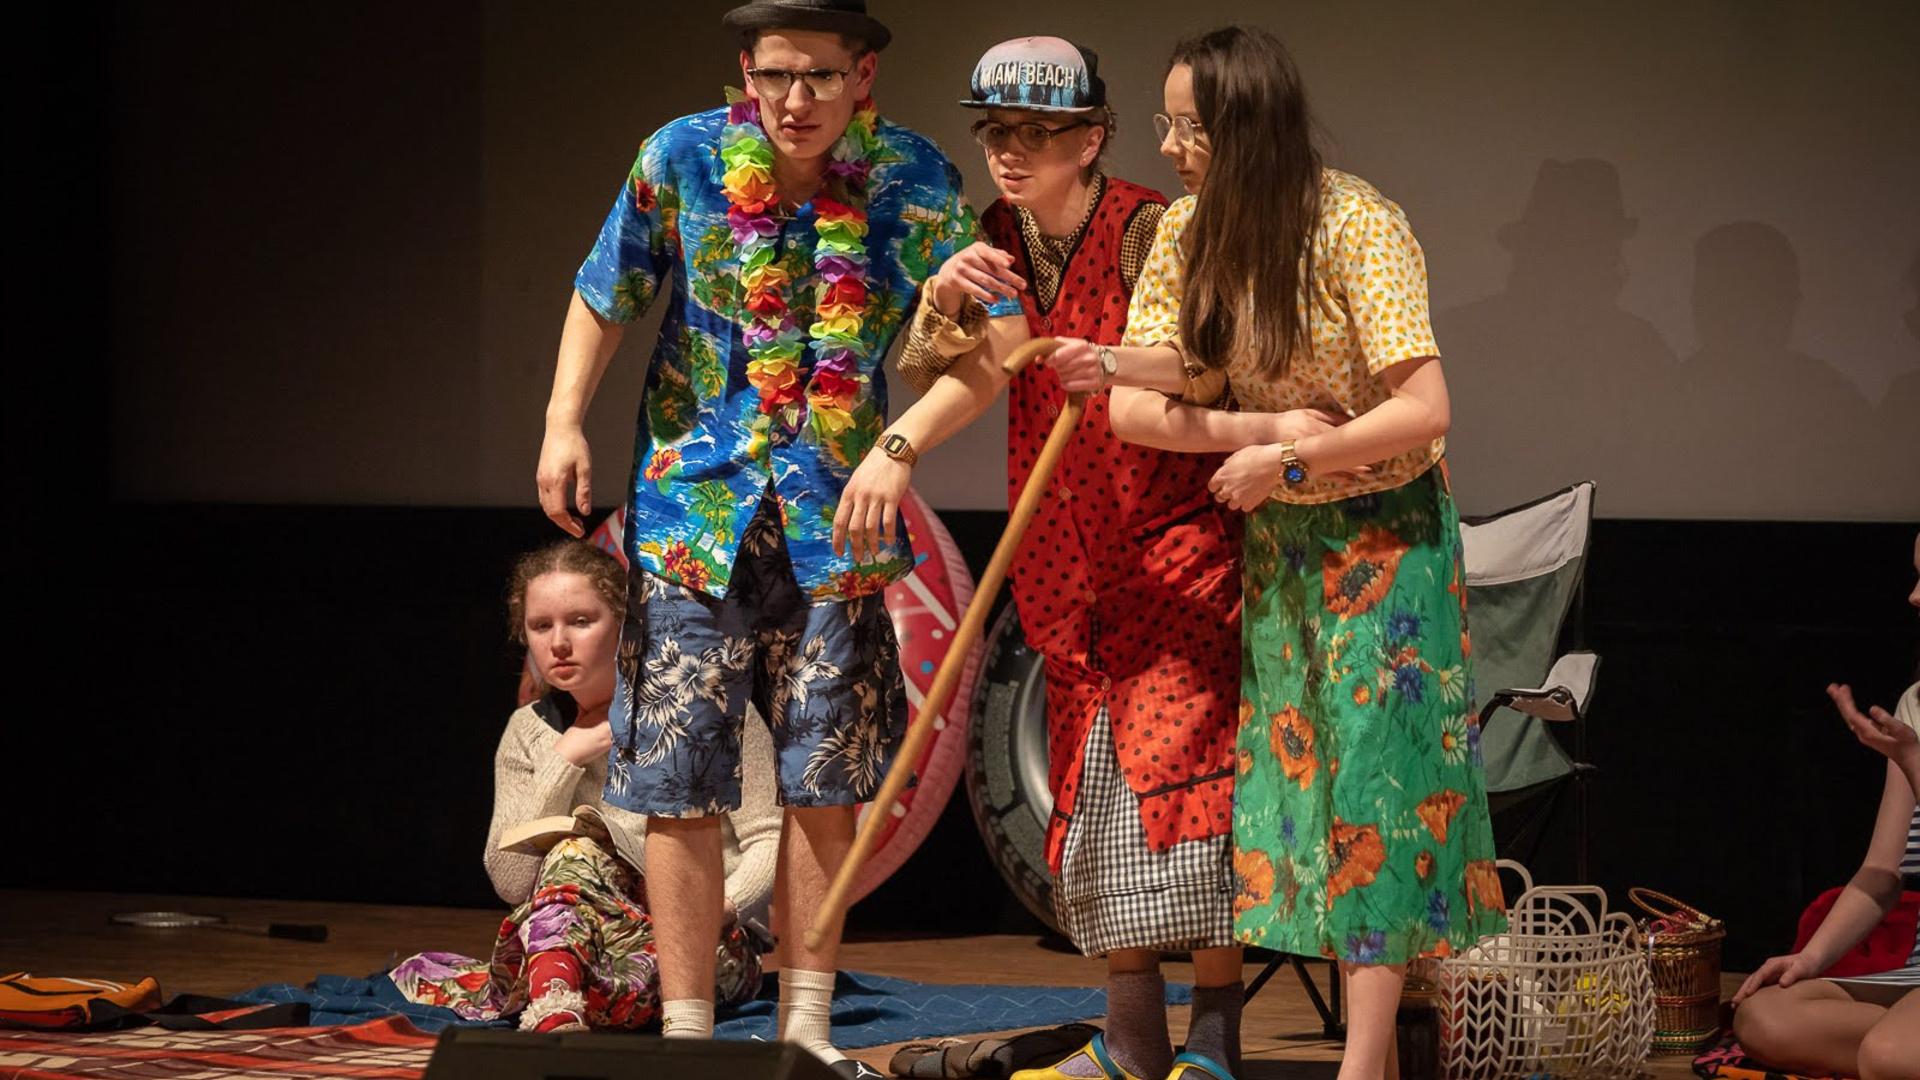 Młodych krobskich aktorów na scenie wspomógł Rudi Schuberth. Wejściówki rozeszły się w mgnieniu oka - Zdjęcie główne